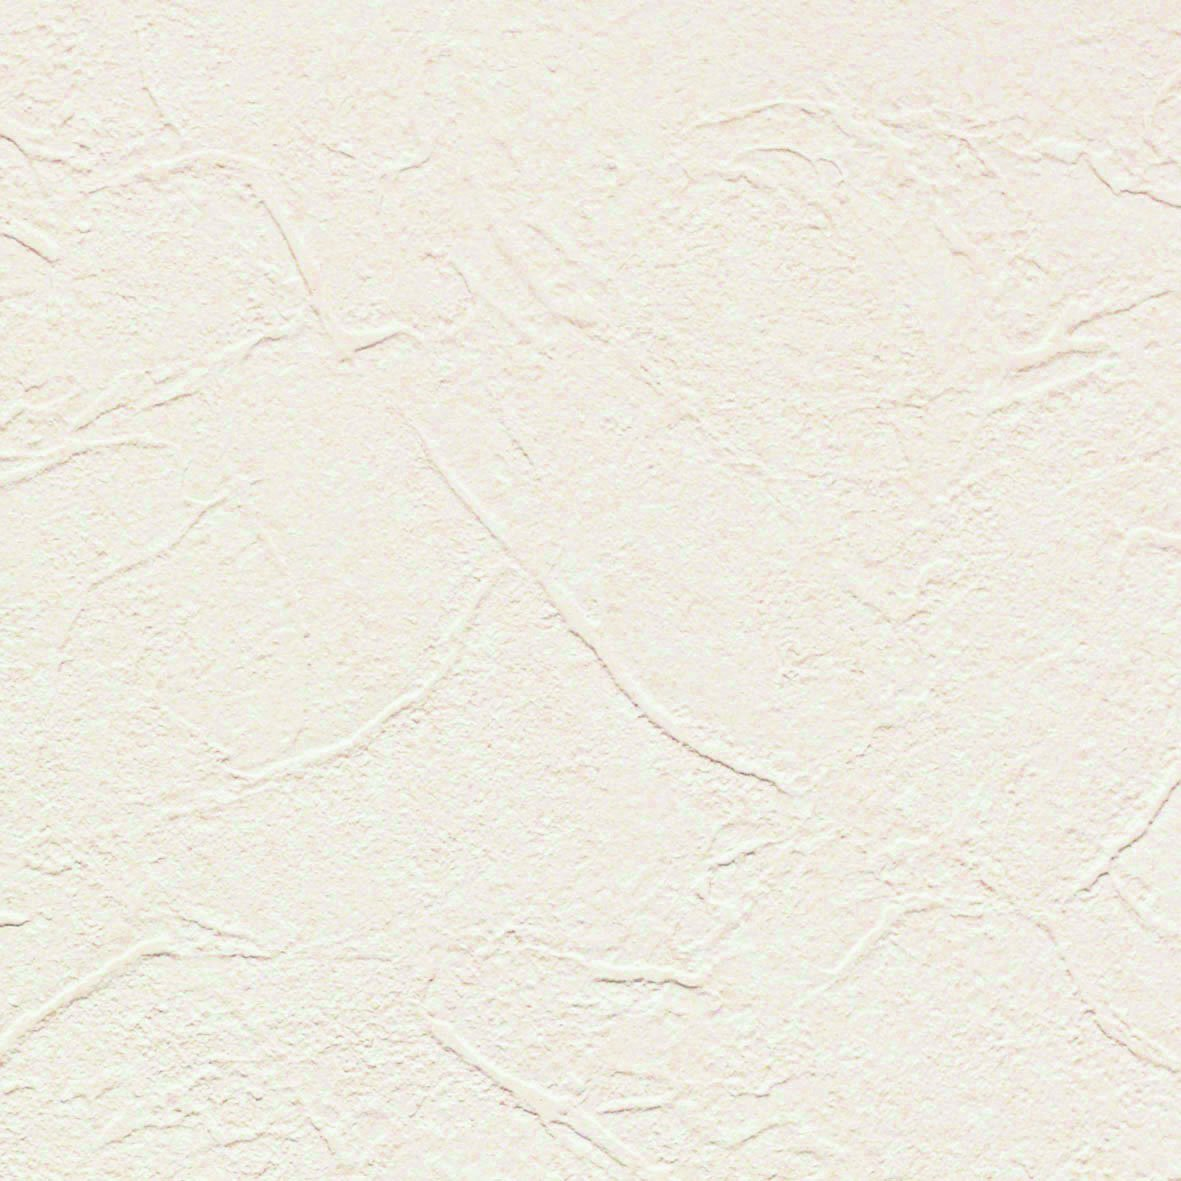 リリカラ 壁紙29m シンフル 石目調 ベージュ LL-8201 B01N3STSE7 29m|ベージュ1